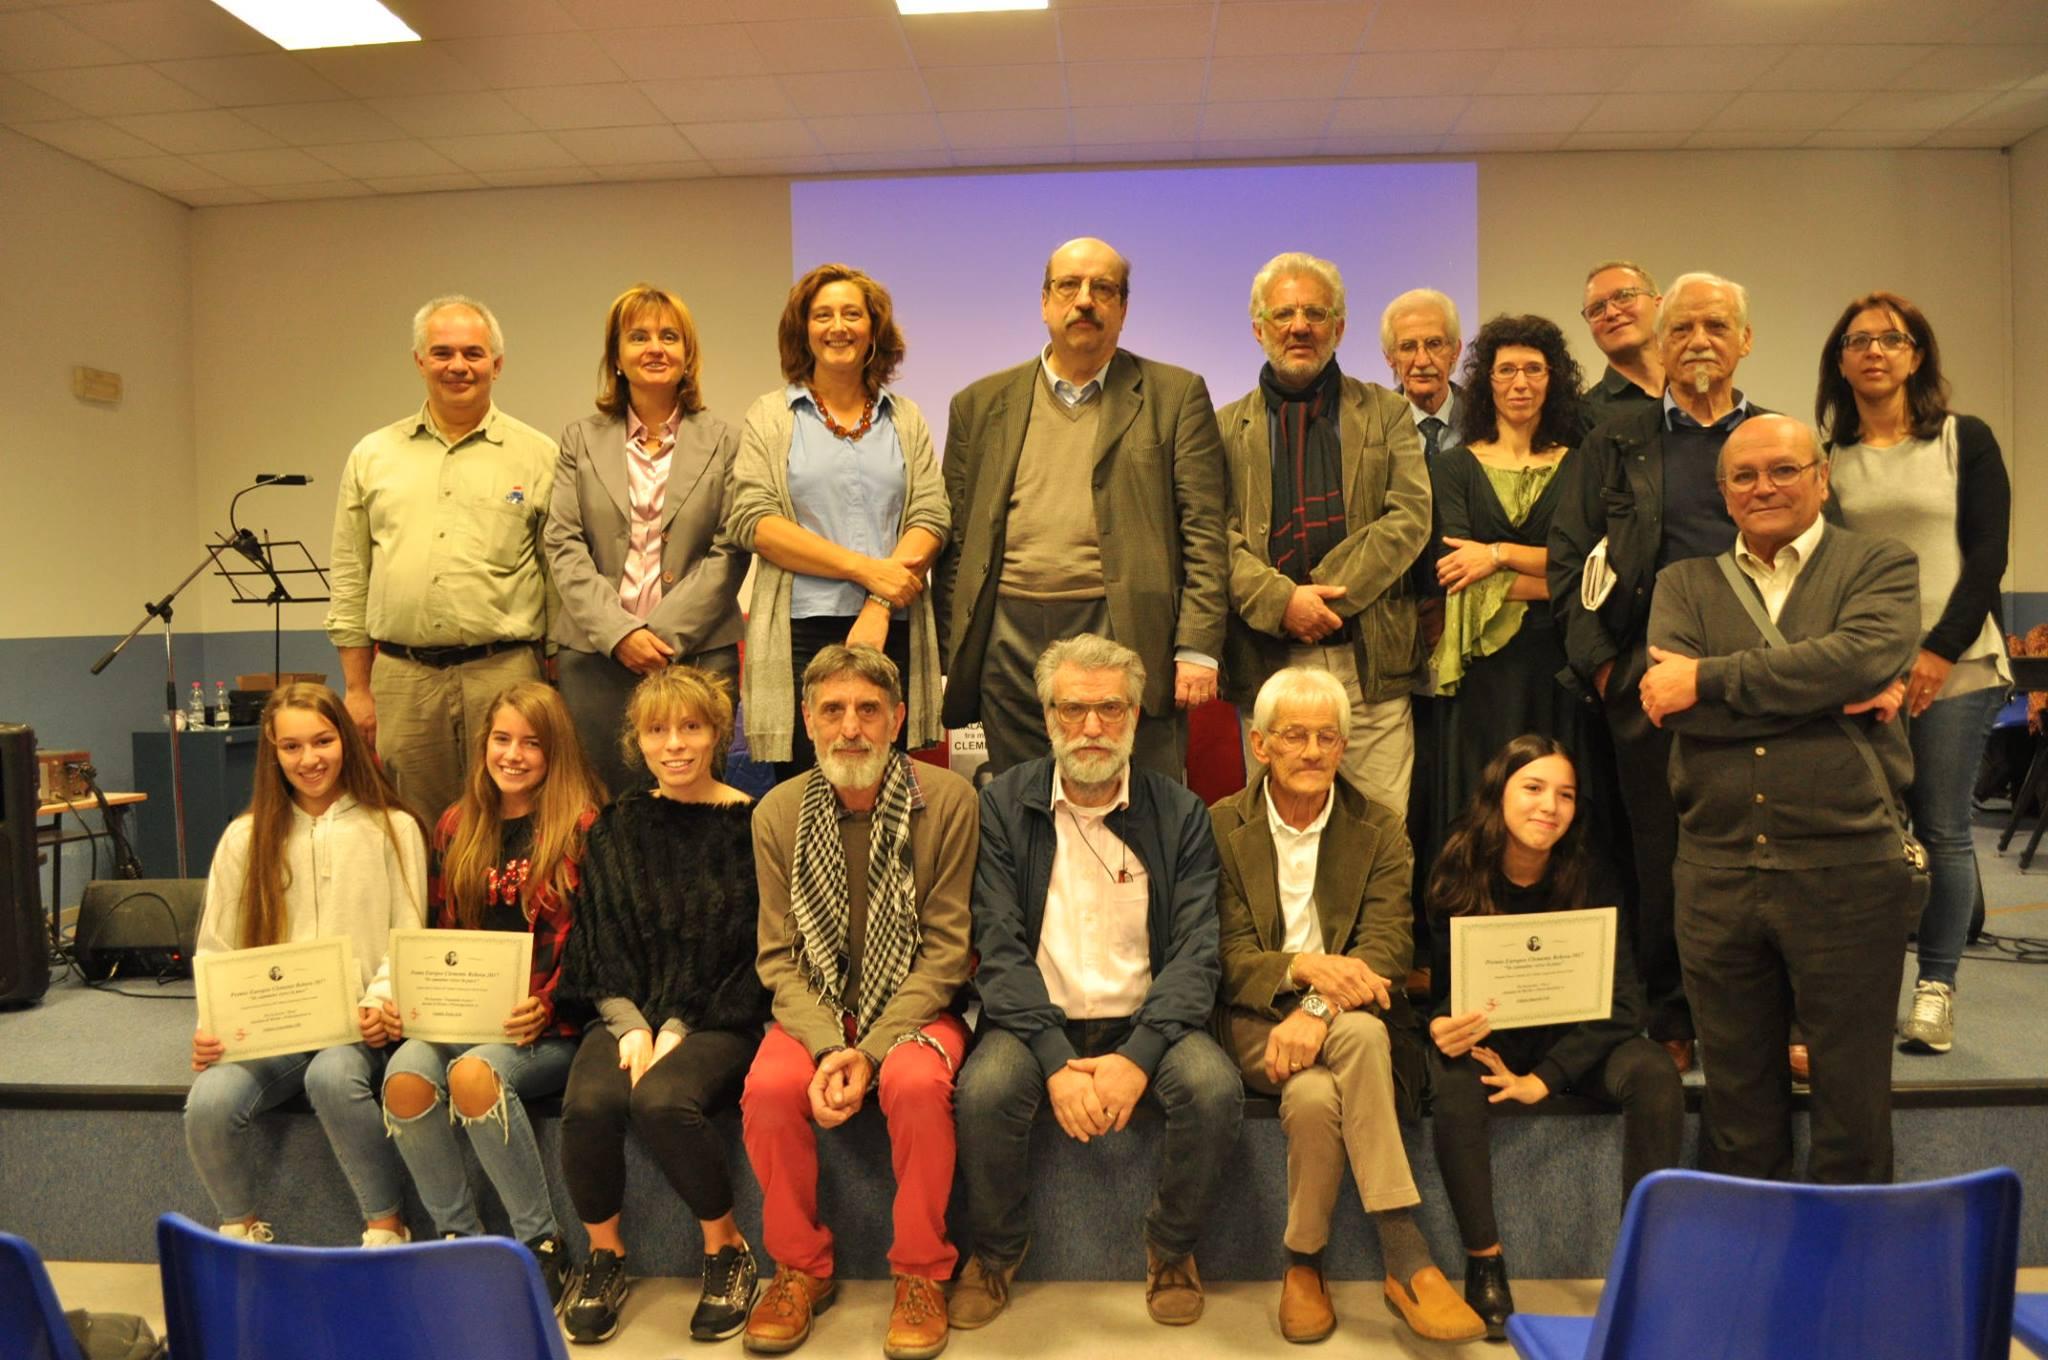 3ª TAPPA Fagnano Olona (Va) presso l'Istituto Comprensivo E. Fermi